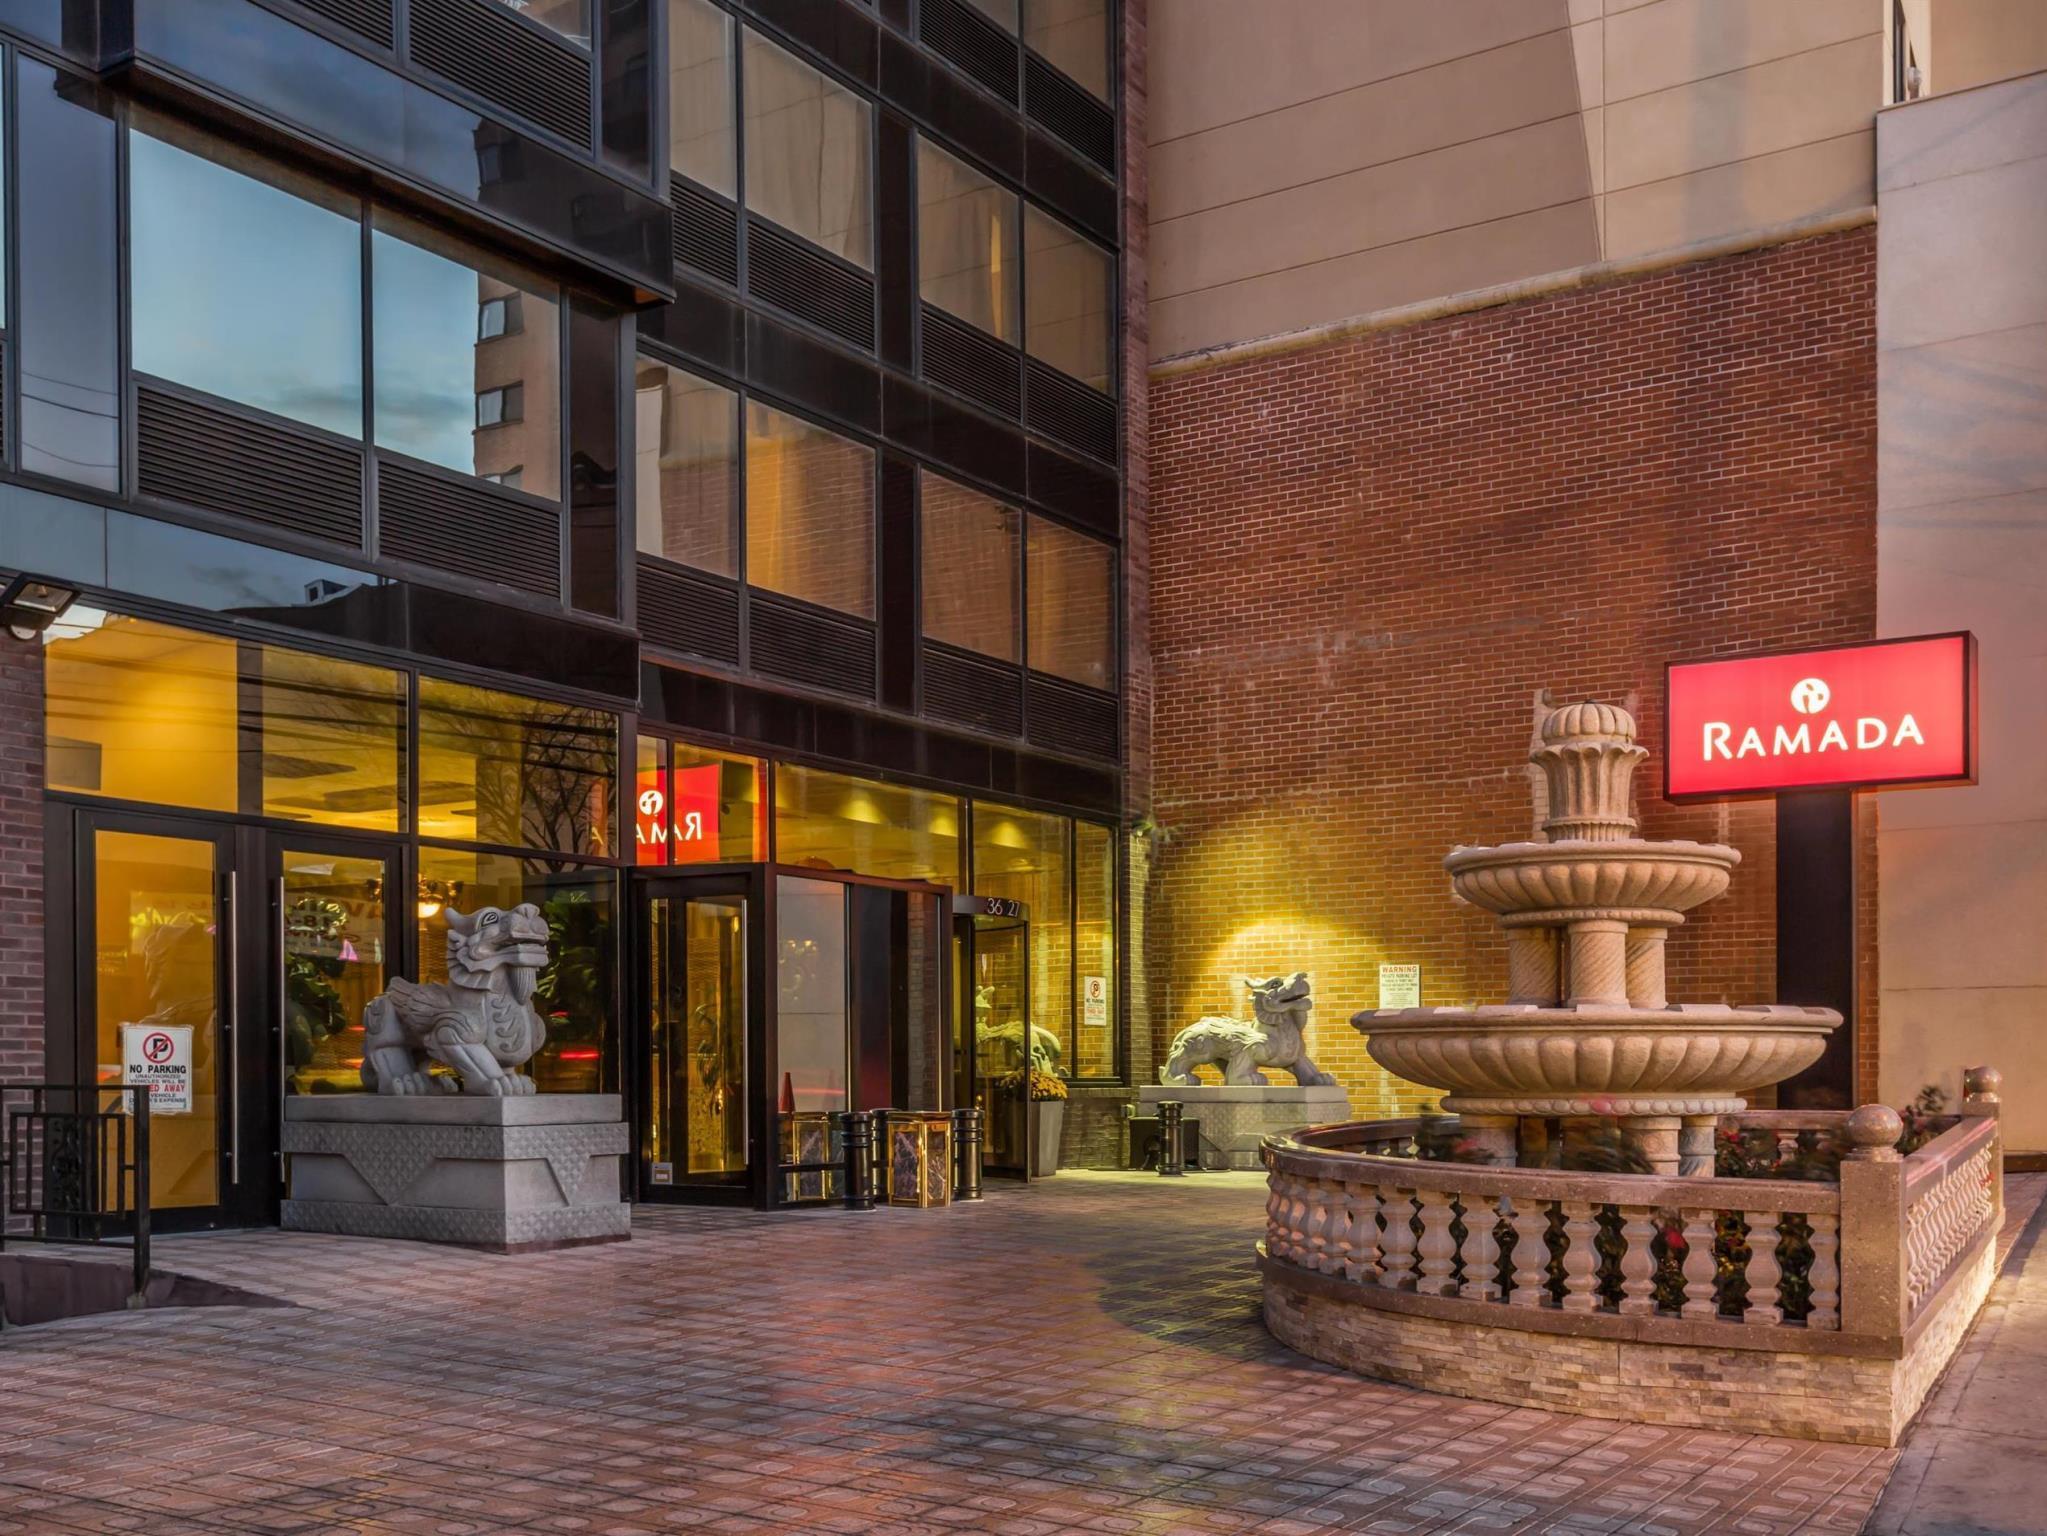 Ramada by Wyndham Flushing Queens